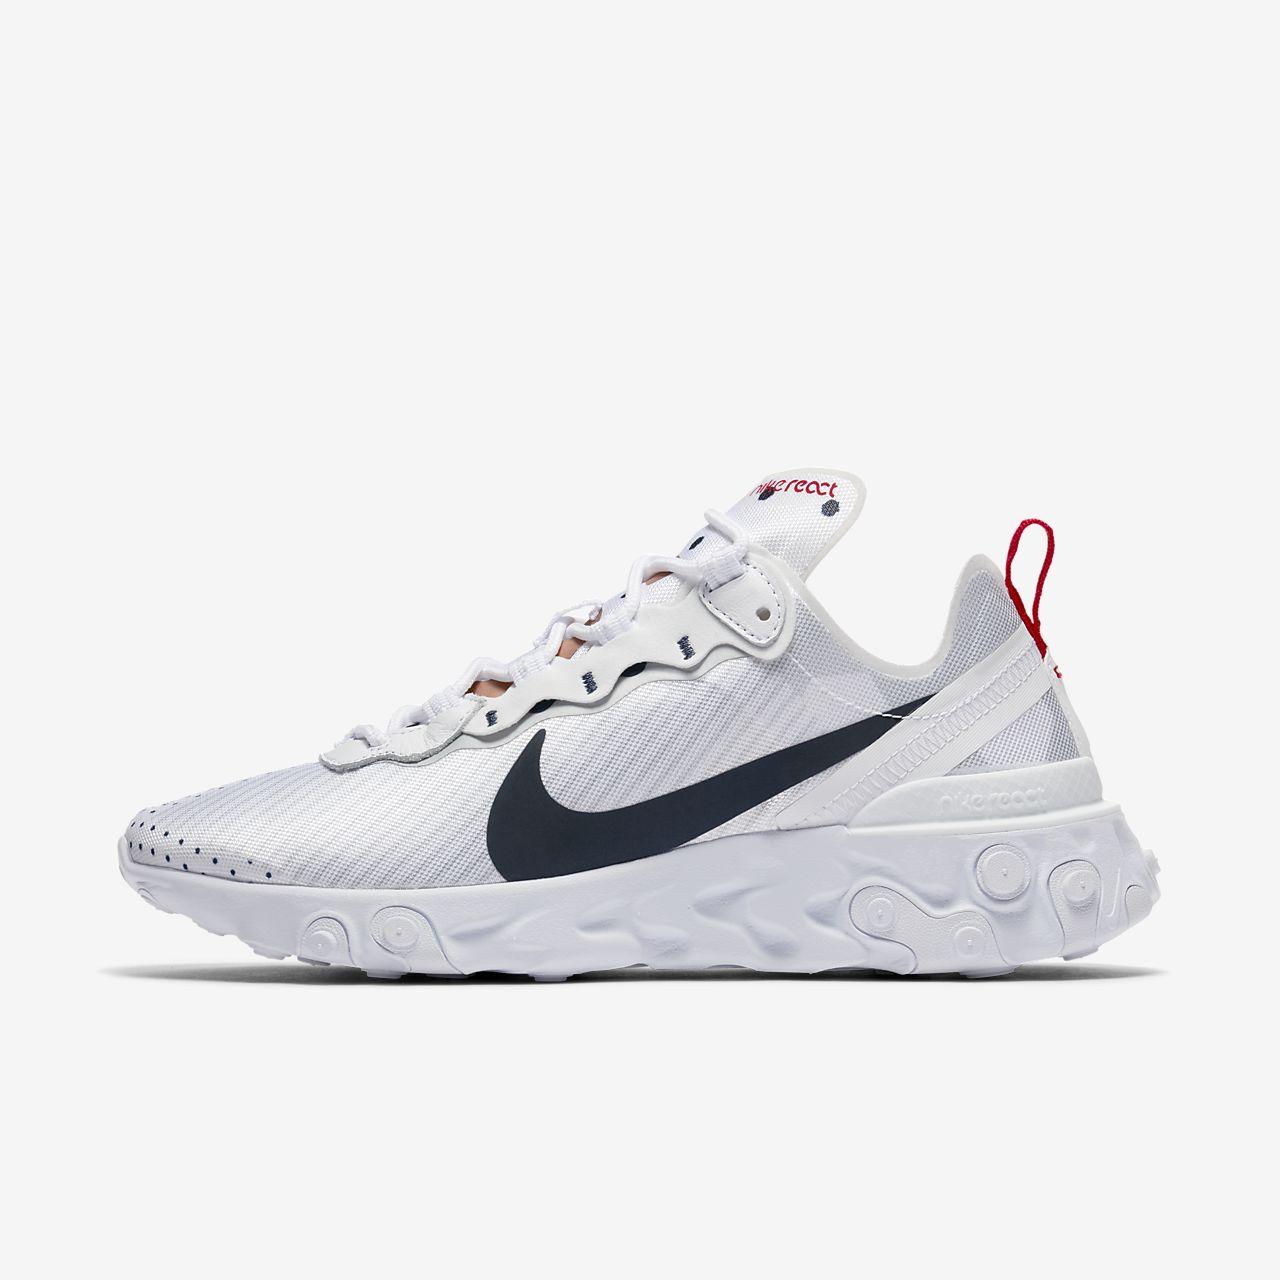 Nike React 55 Premium Unité Totale Damenschuh